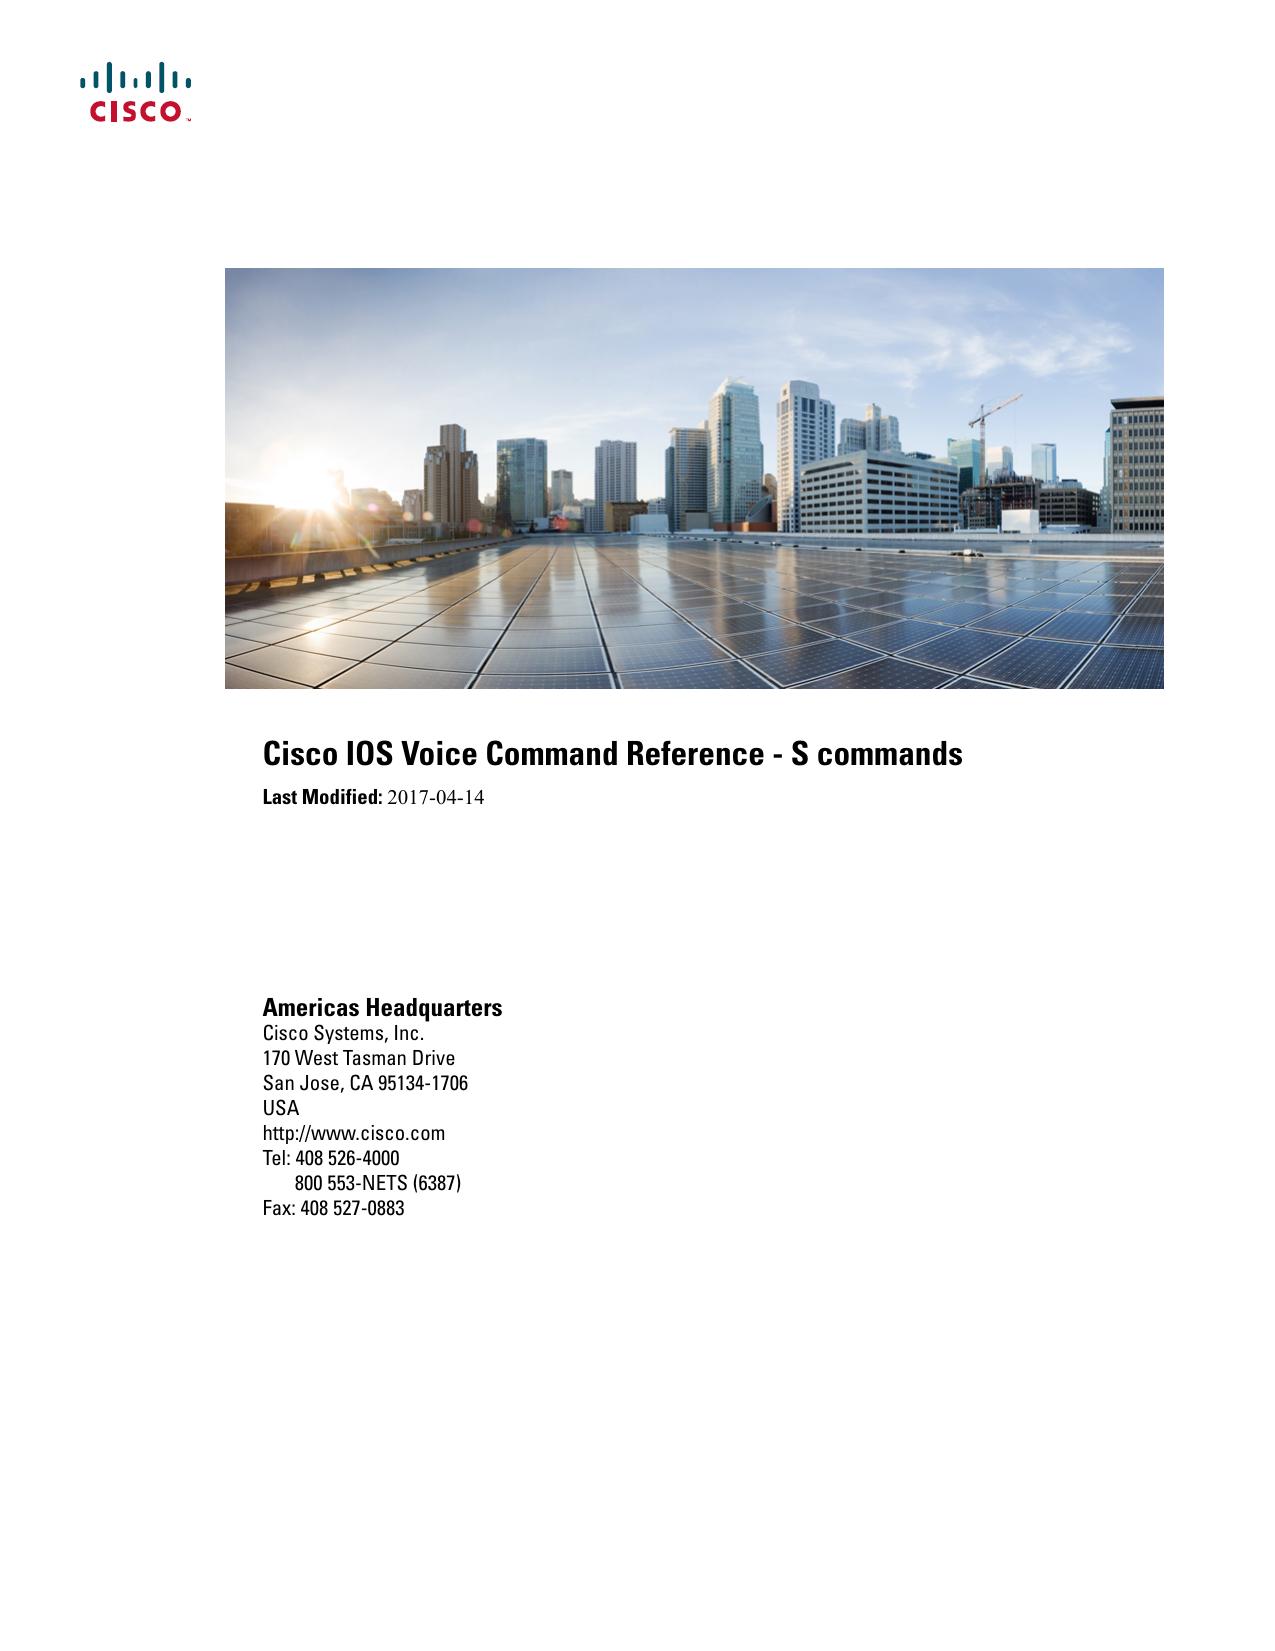 Cisco IOS Voice Command Reference | manualzz com